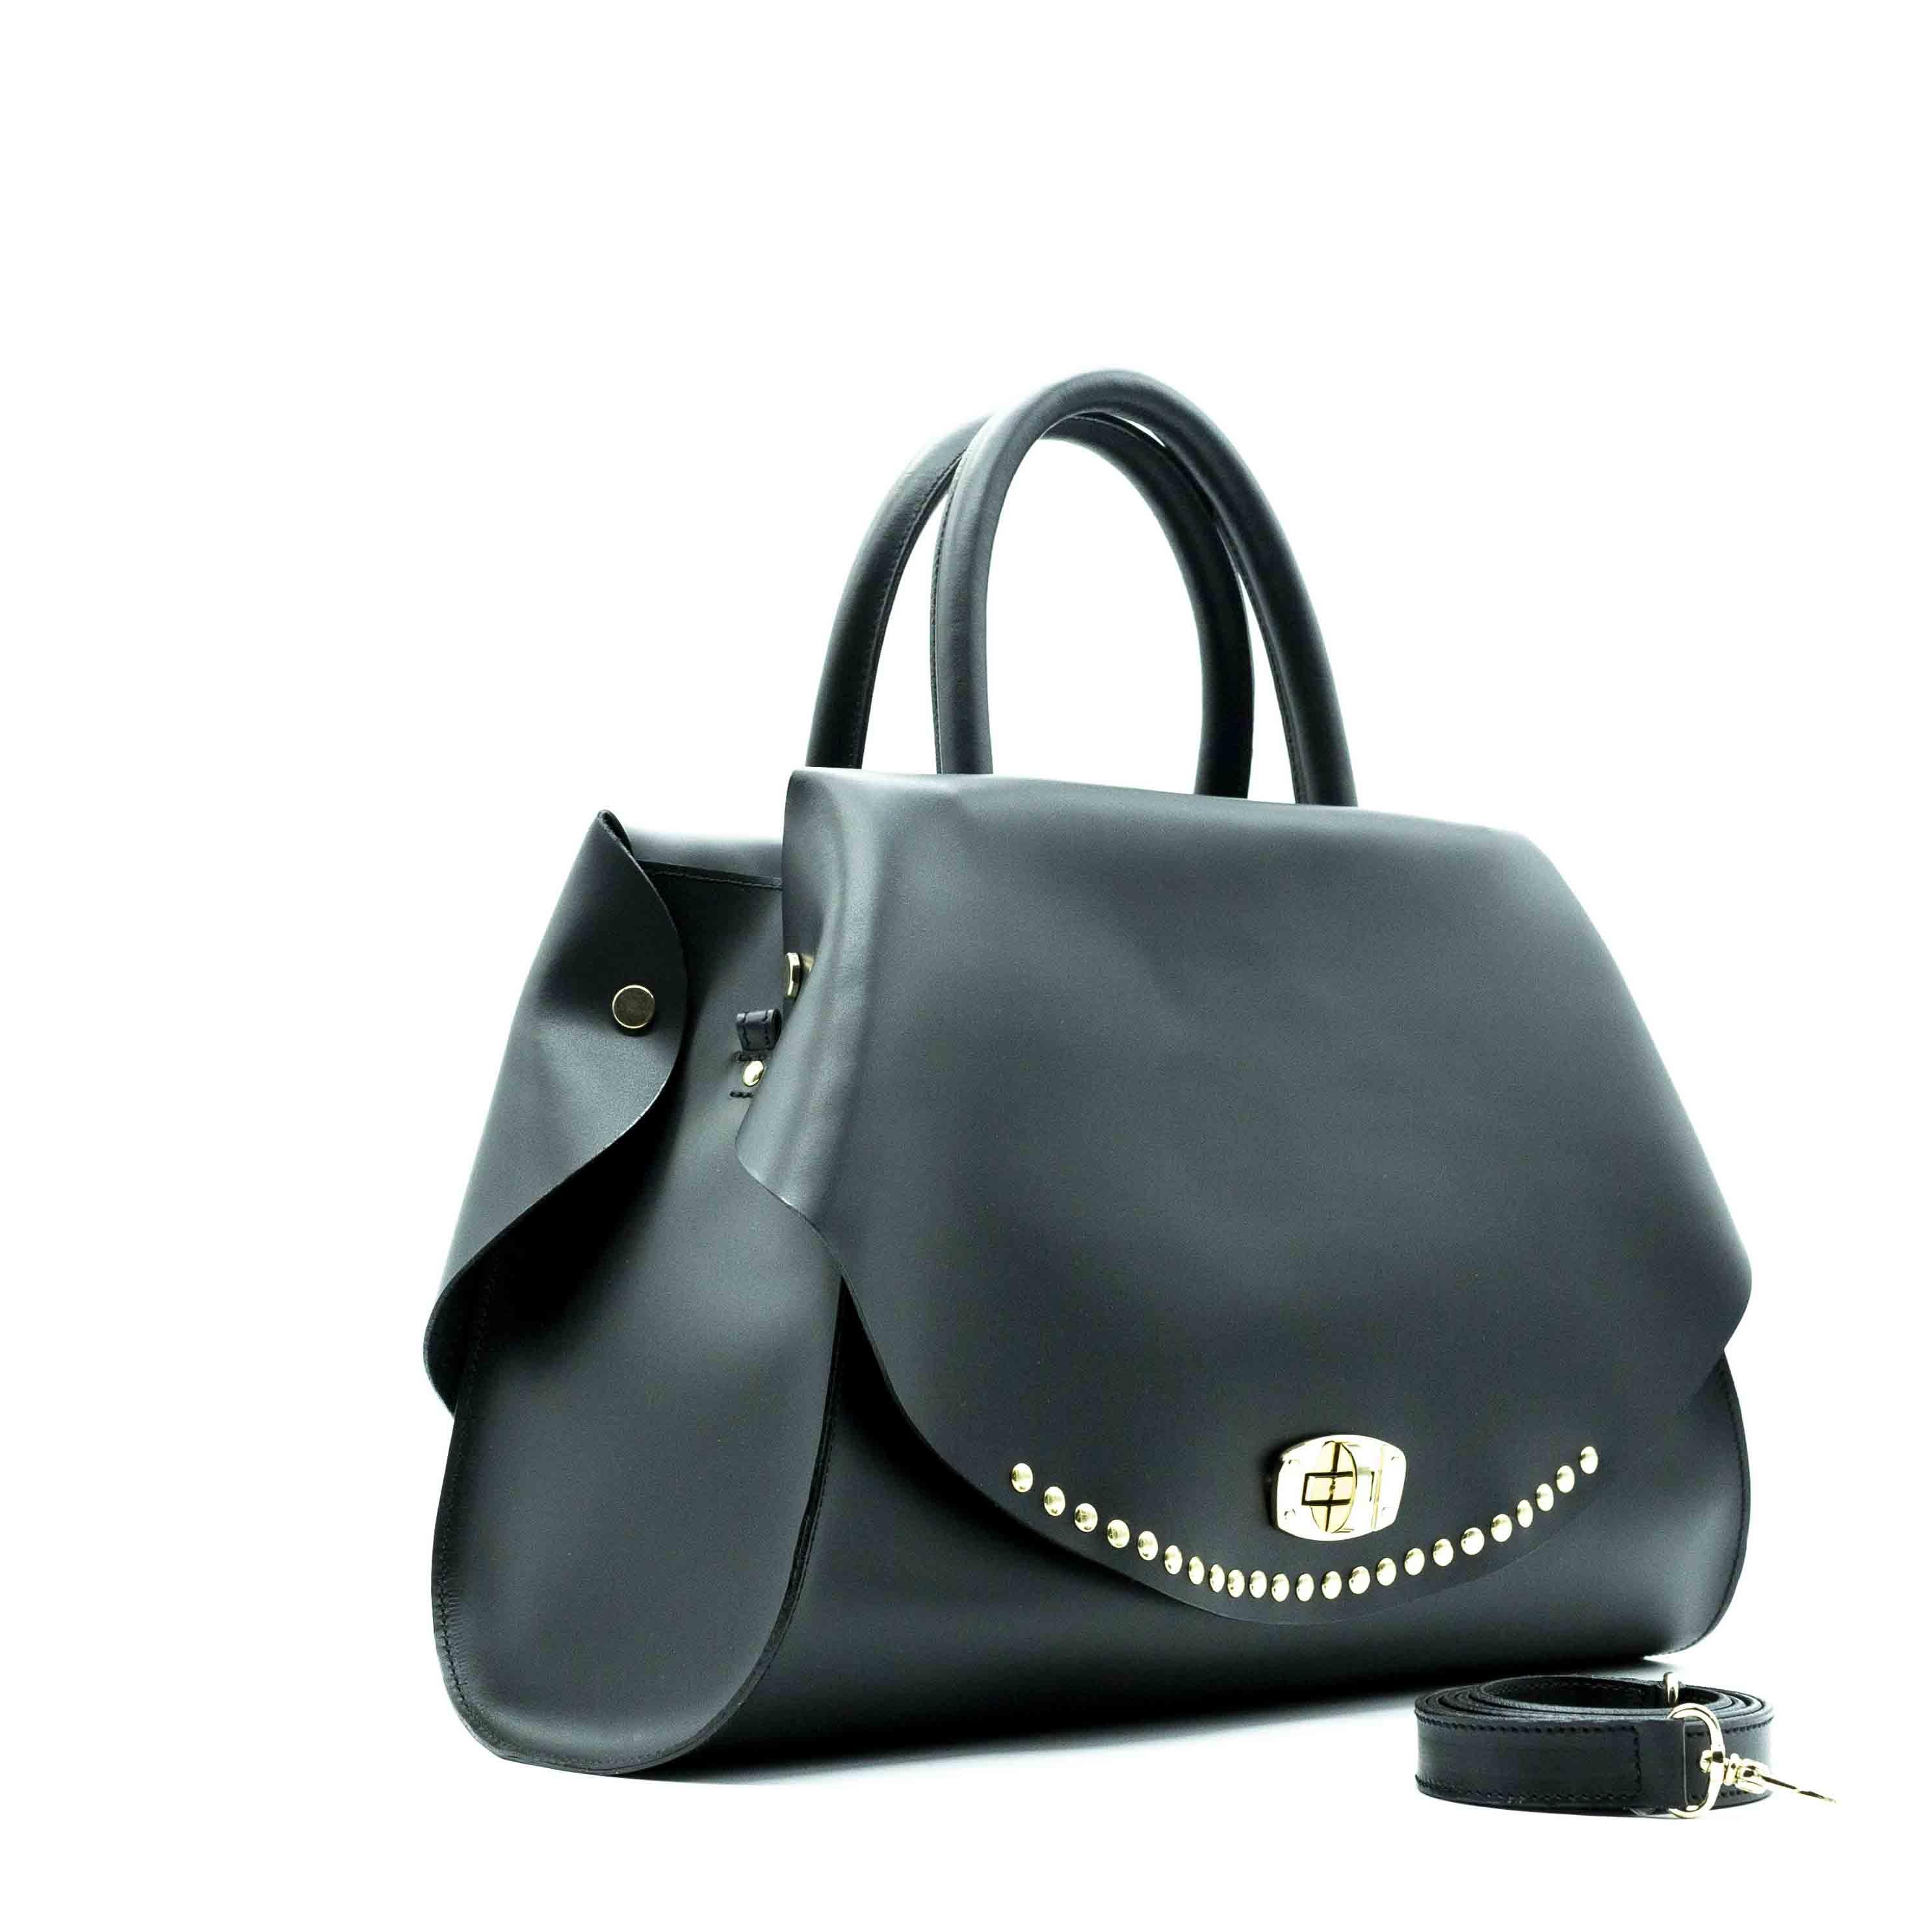 Borsa donna Capri nera con borchie